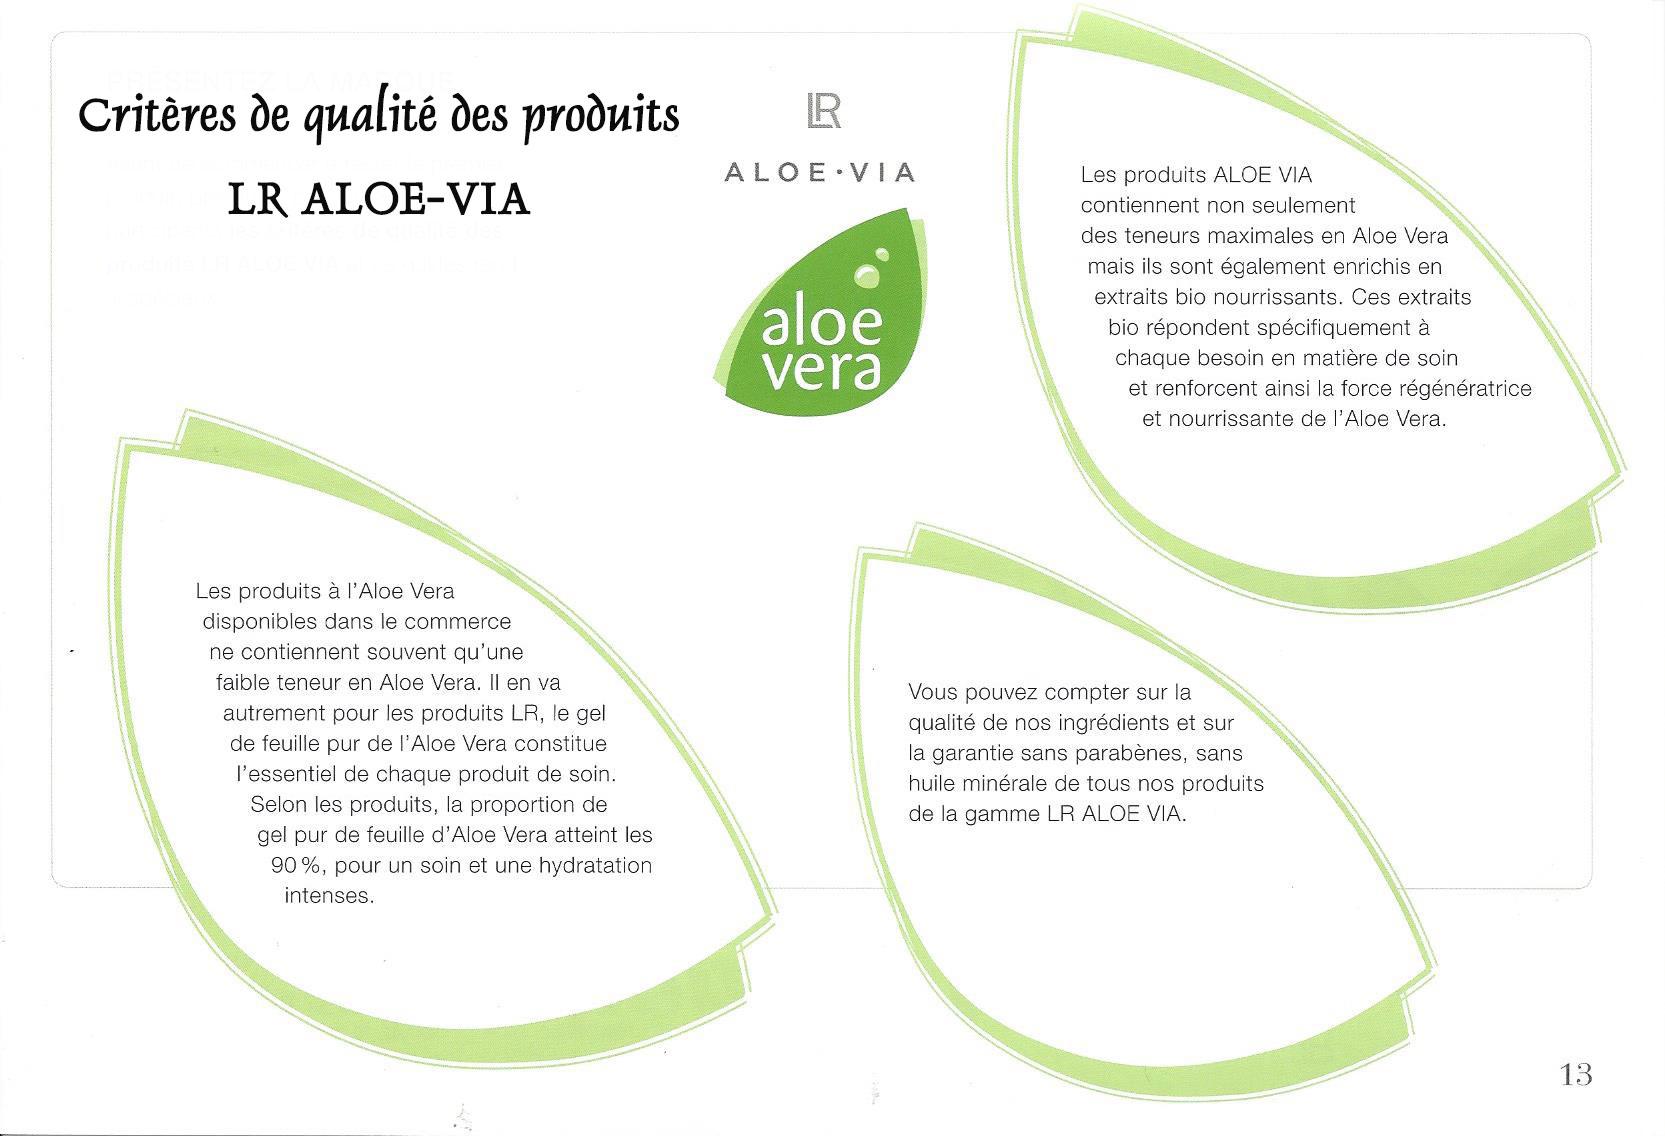 LR ALOE-VIA la marque déposée vers l'efficacité et la qualité des soins en Aloe Vera !